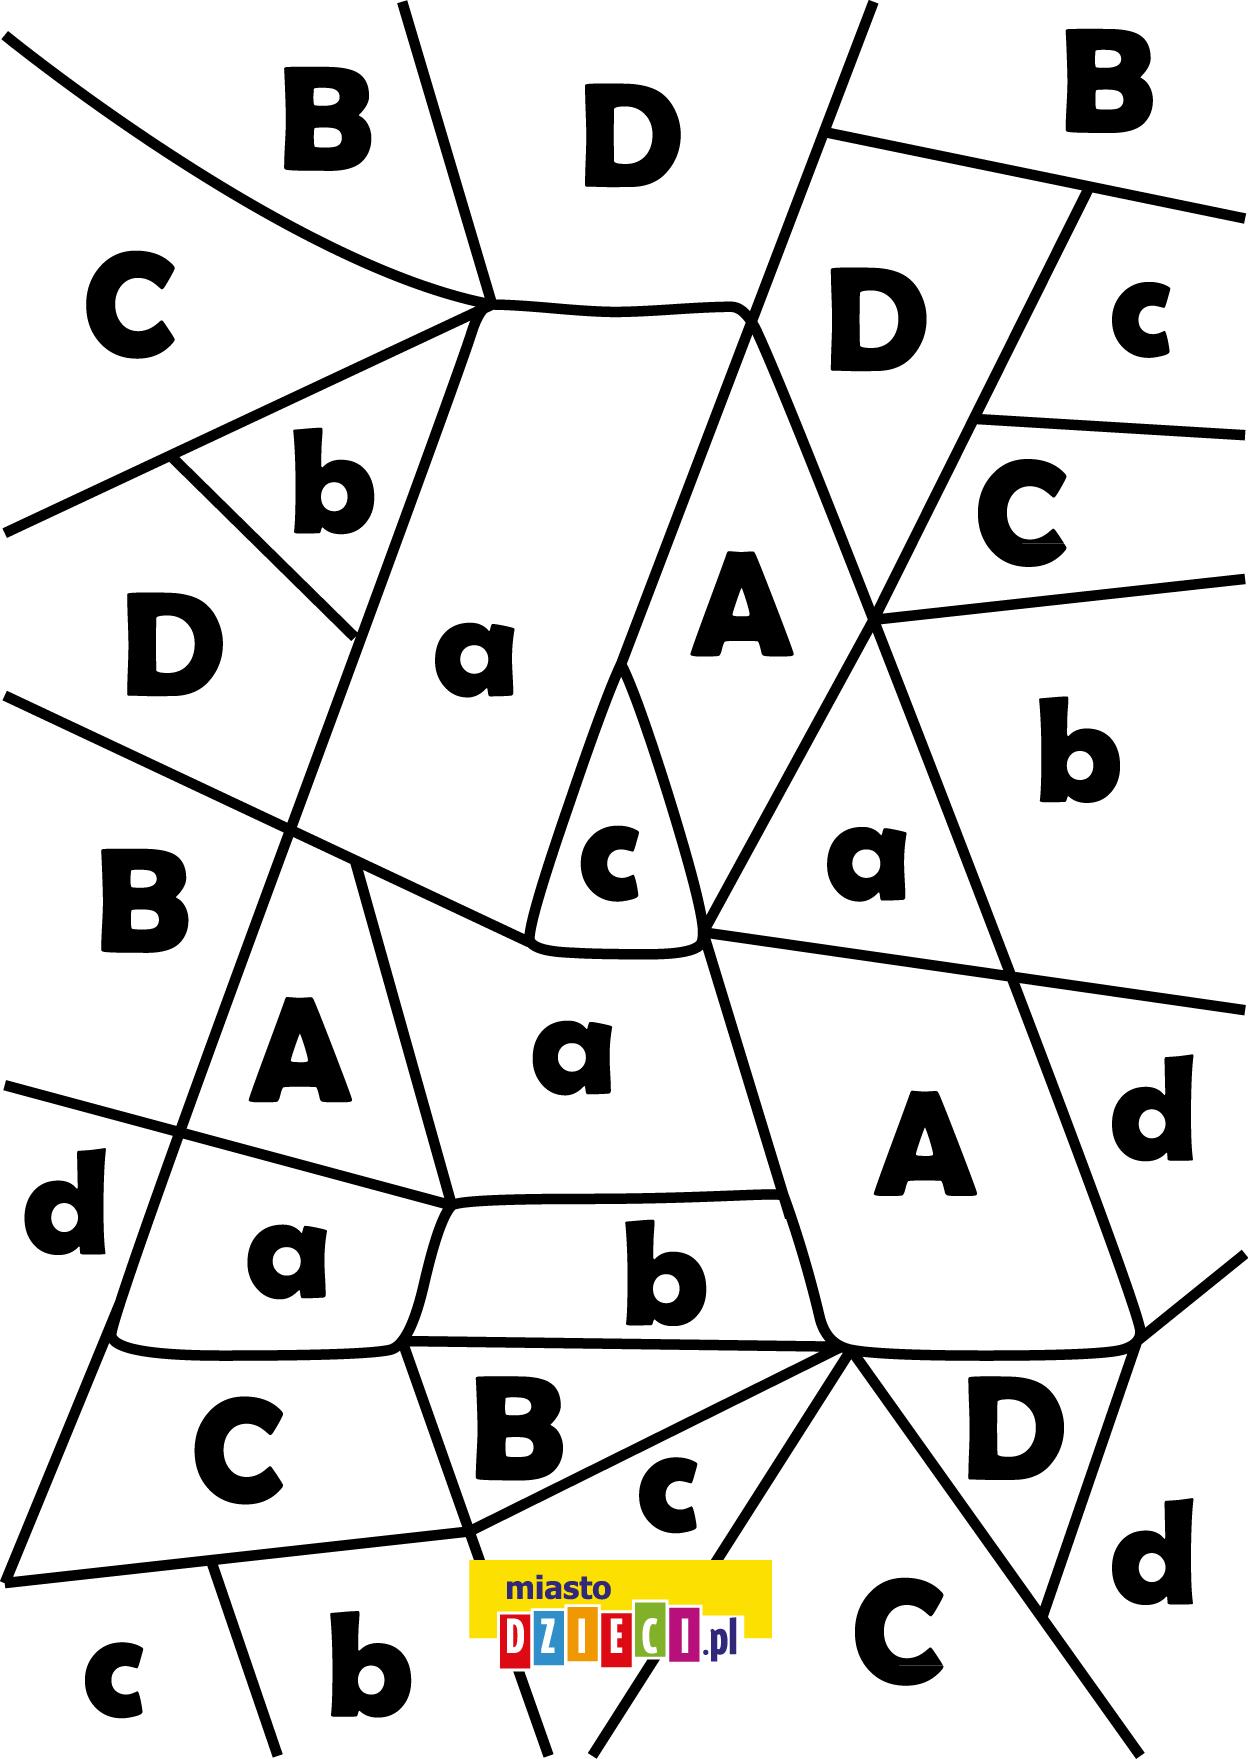 litera A - ukryte litery do nauki czytania kolorowanki i szablony do druku dla dzieci MiastoDzieci.pl